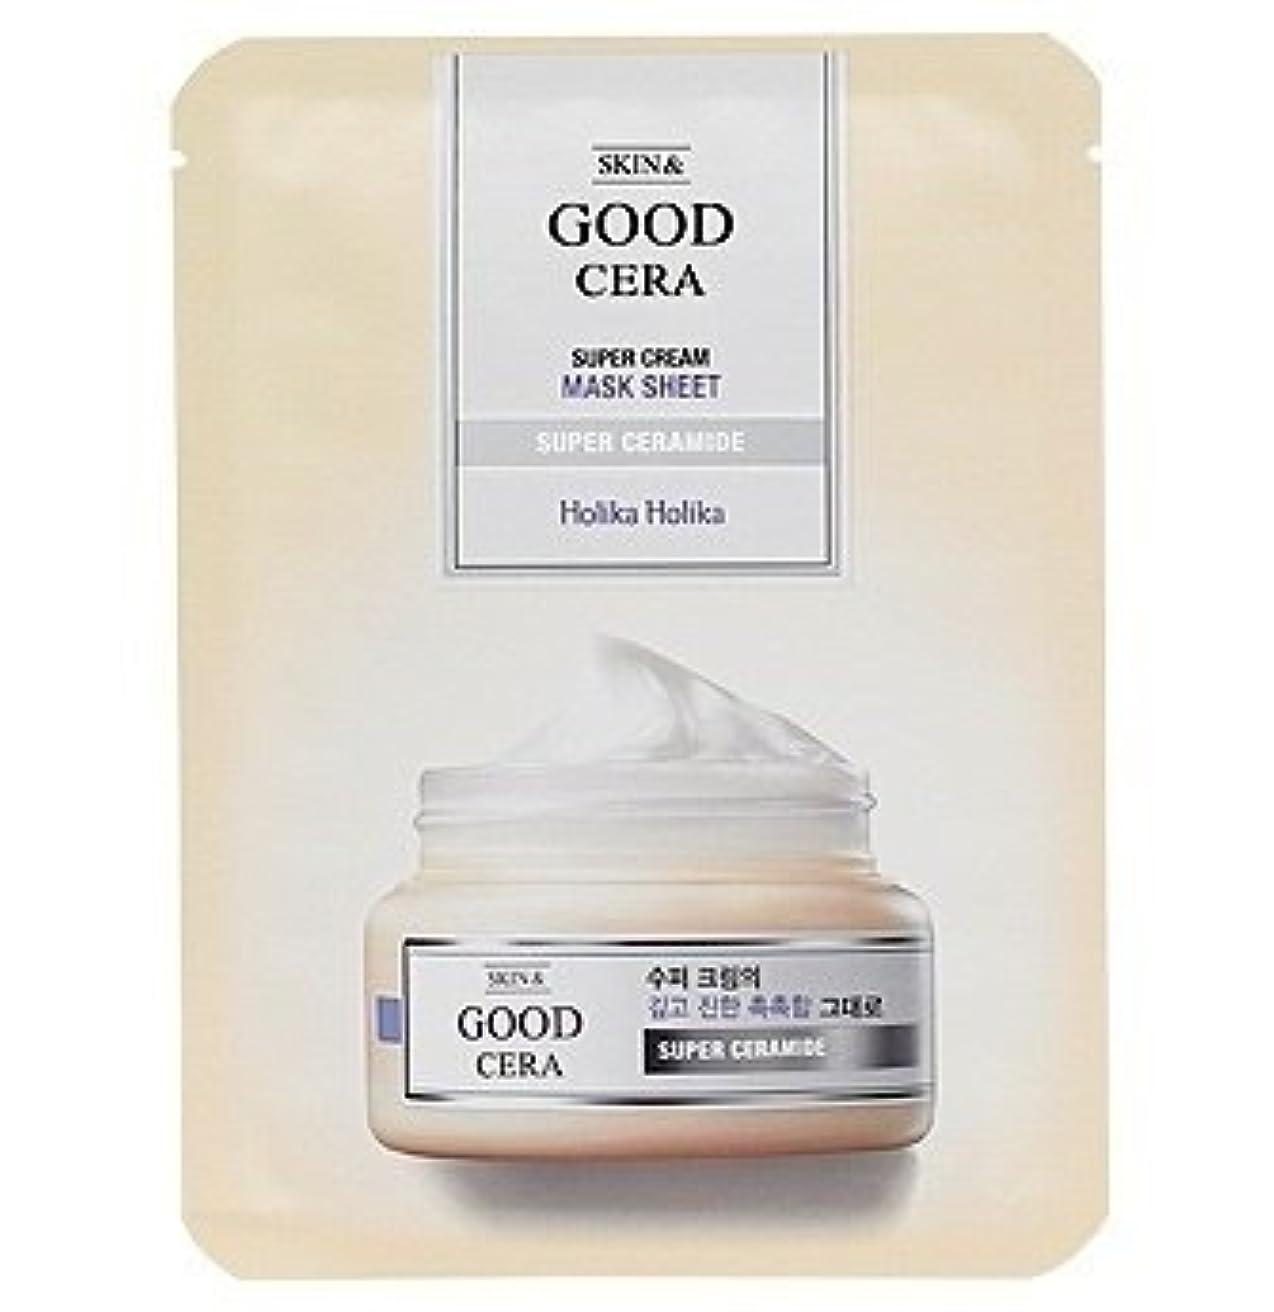 安全性磨かれたバリアホリカホリカ グッドセラ スーパークリーム マスクシート(3枚) Holika Holika Good Cera Super Cream Mask Sheet(3EA) [並行輸入品]